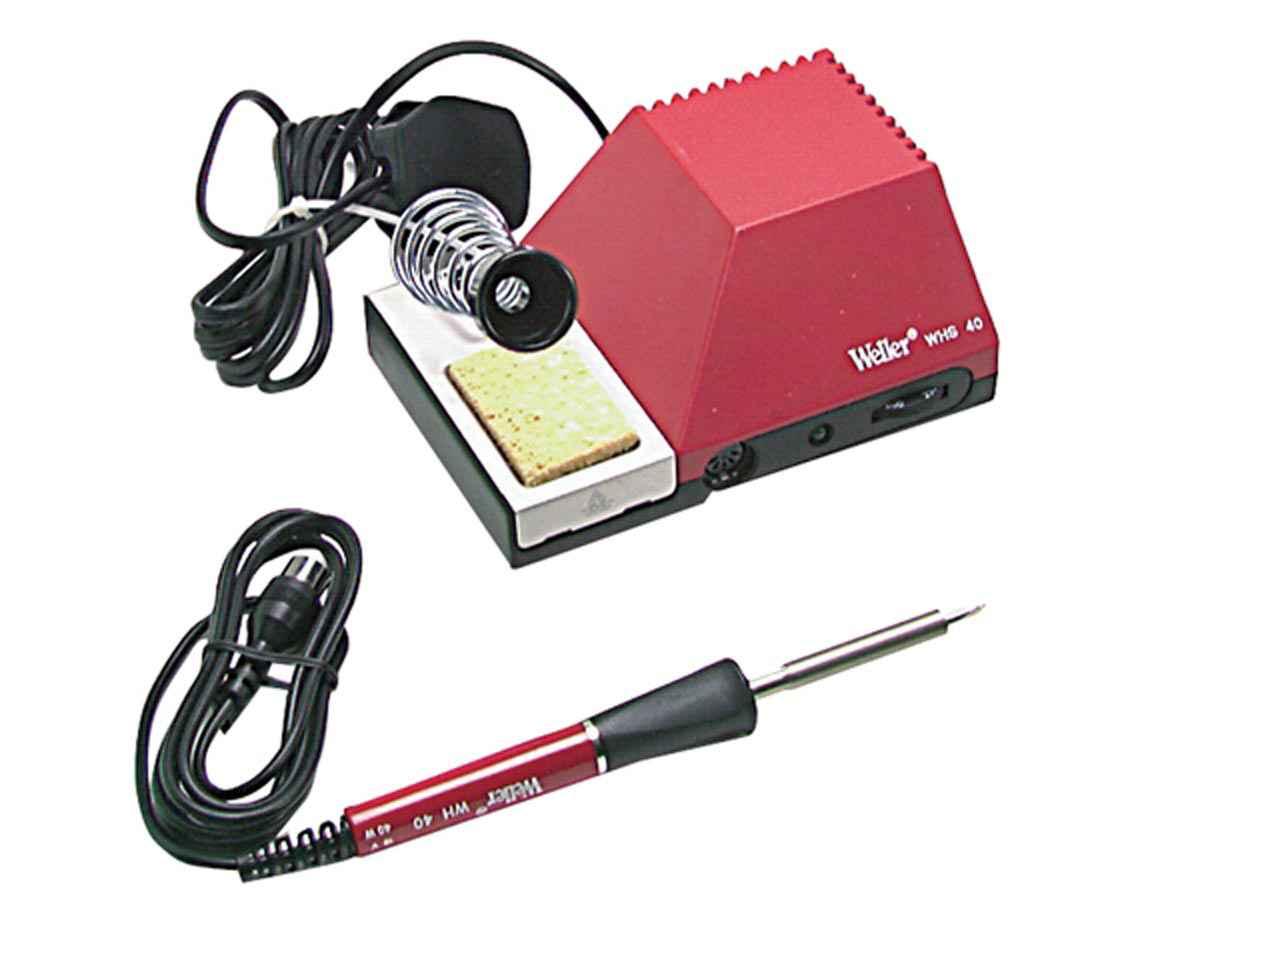 Weller 2020 Soldering Iron with Plug 20W 240 Volt WEL2020 Metalworking/Milling/Welding